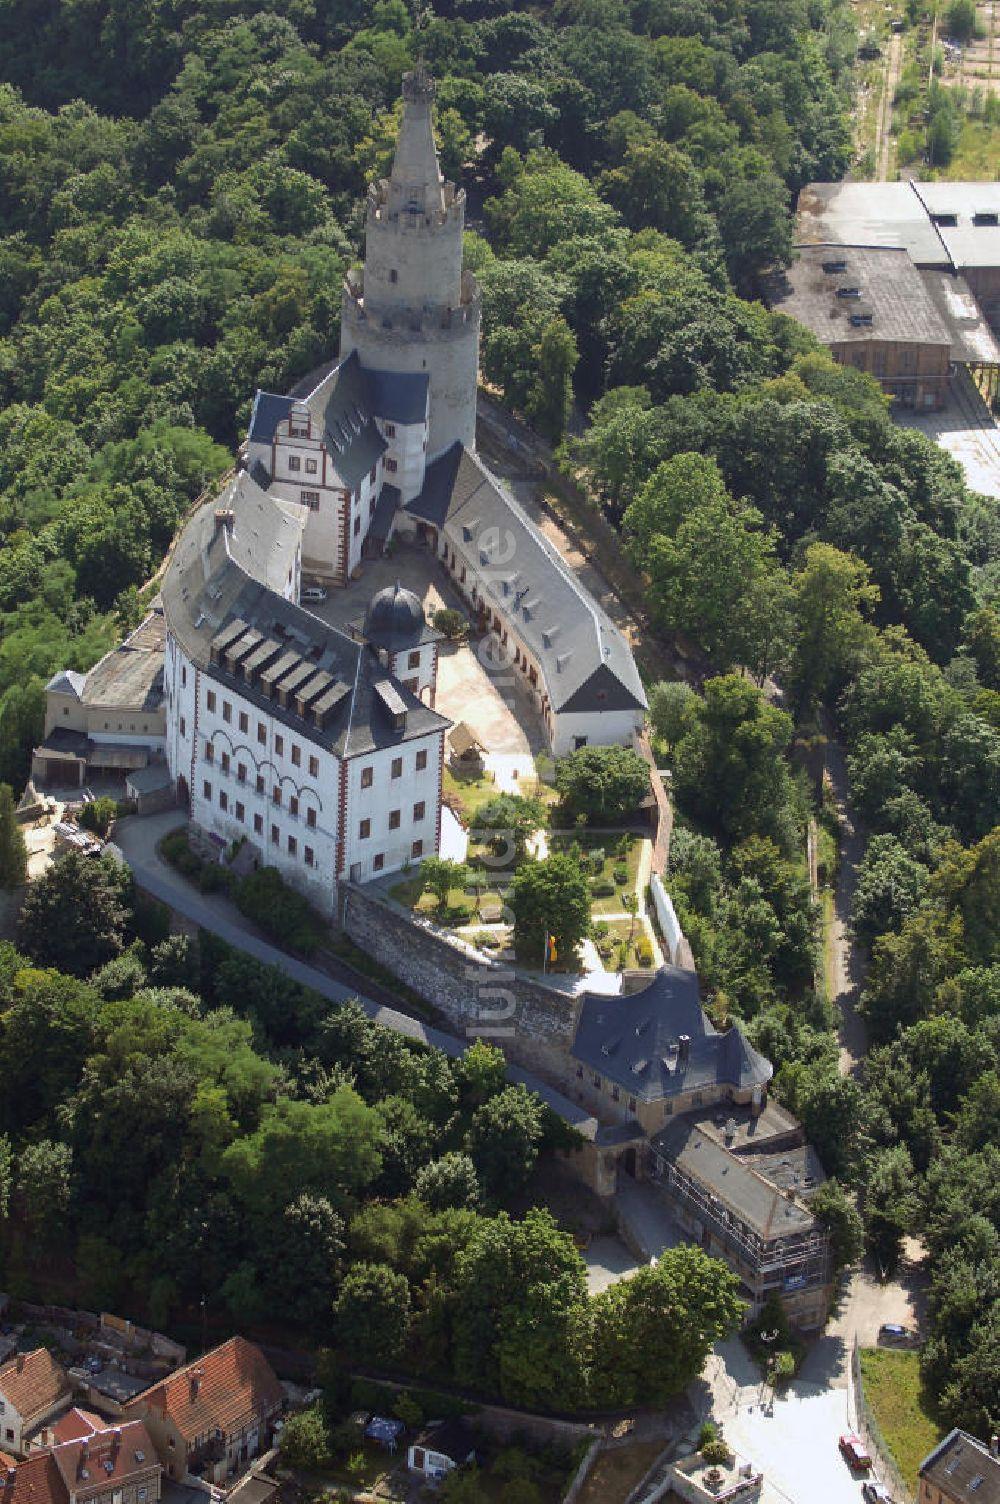 Pin Von Julio Daniel Auf Castles Burgen Und Schlosser Burg Ungewohnliche Gebaude